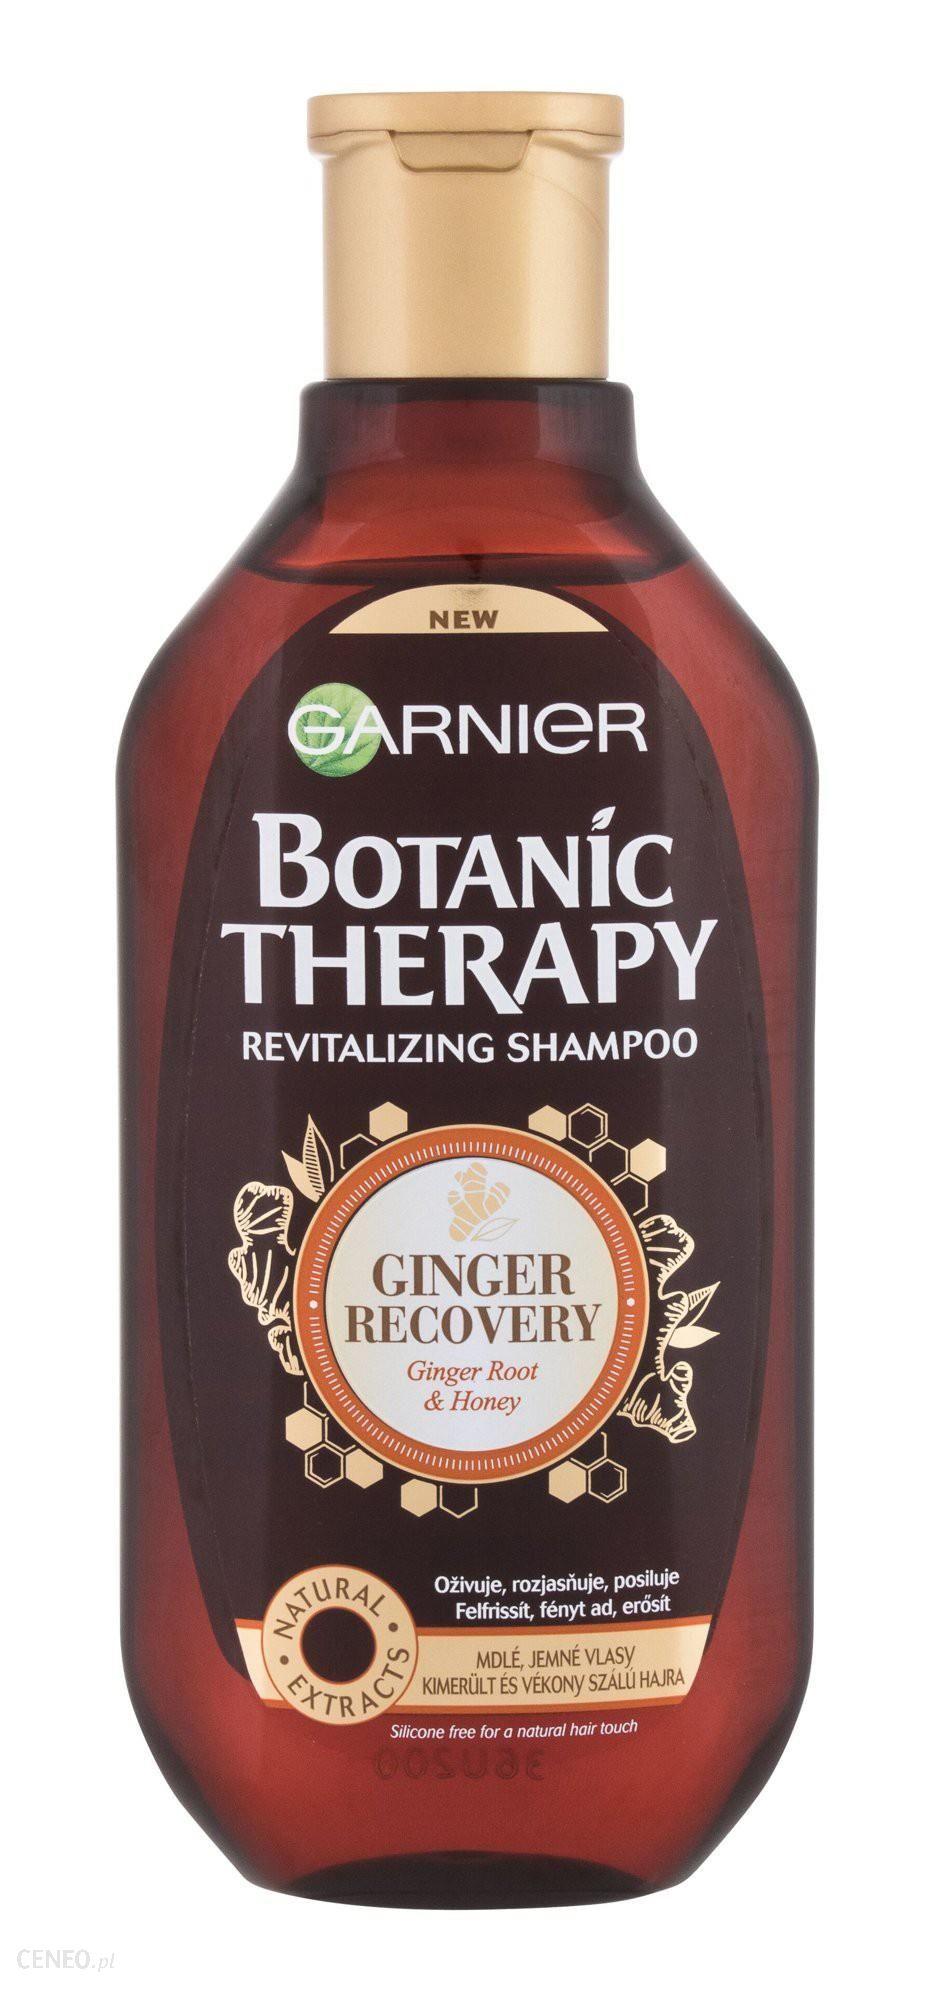 Garnier Botanic Therapy Ginger Recovery Szampon do włosów 400ml